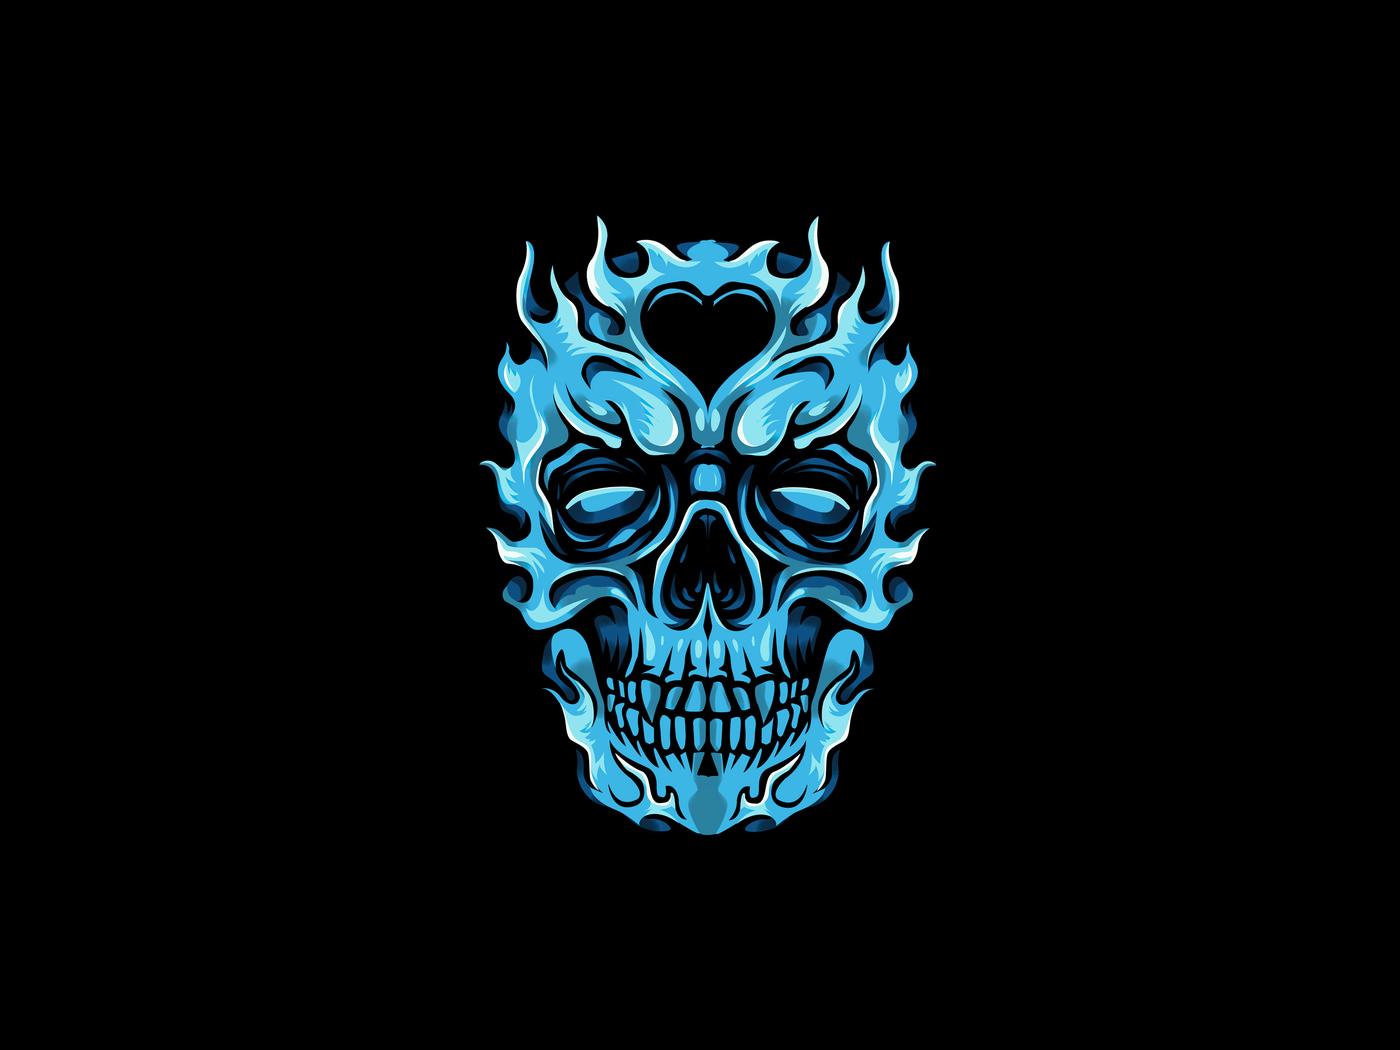 frozen-glowing-skull-minimal-4k-j8.jpg